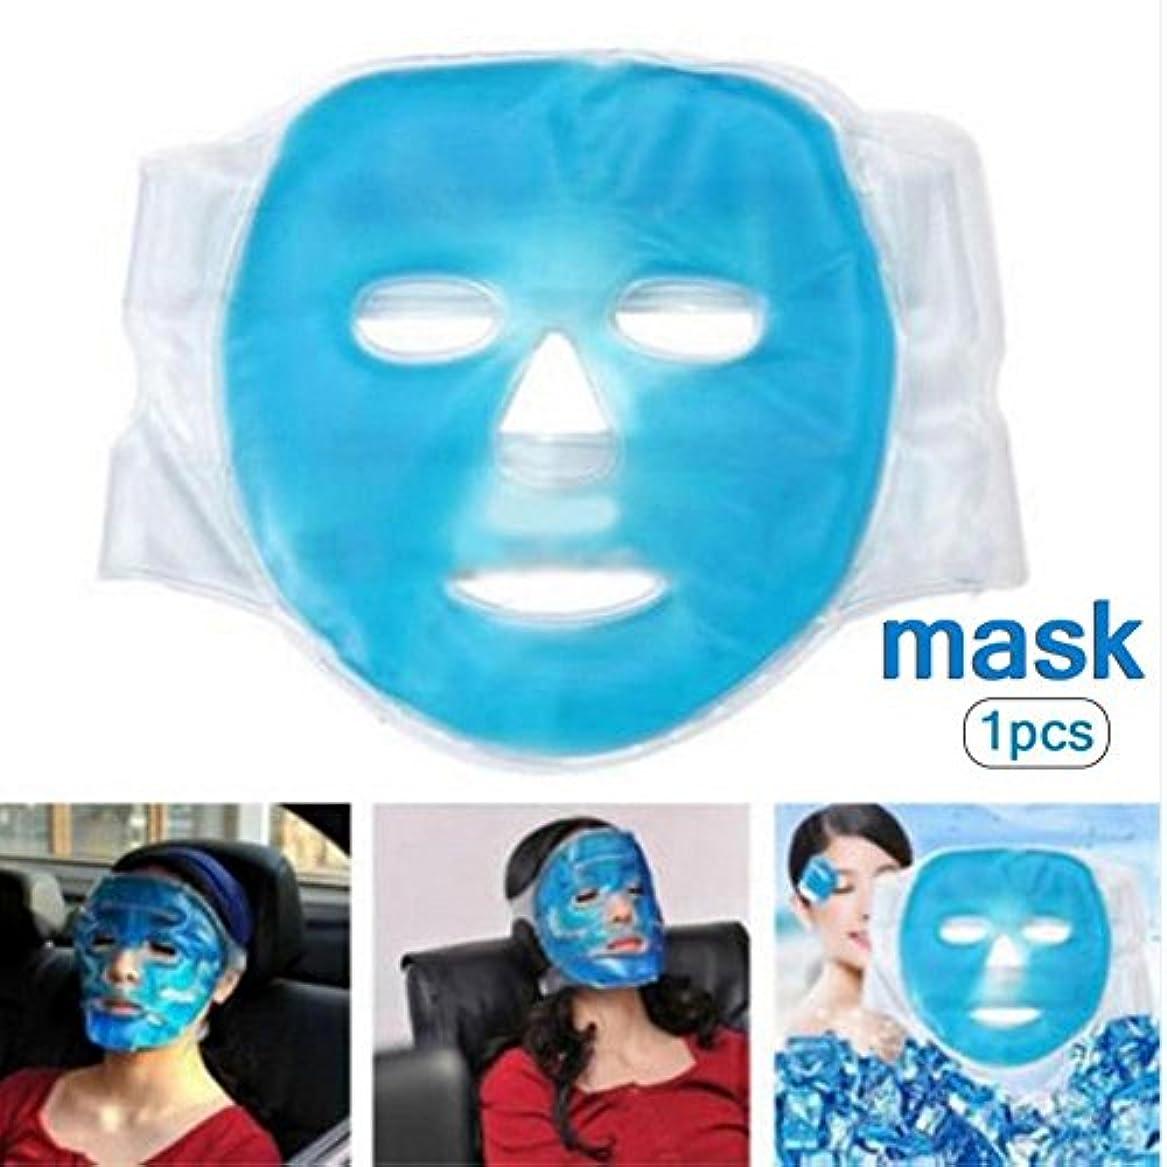 精度グラムバルセロナフェイスマスク 冷却マスク 美容マスク 冷温兼用 美容用 再利用可能 理学療法 毛細血管収縮 毛穴収縮 睡眠冷却 疲労緩和 肌ケア 保湿 吸収しやすい コールドパックホットパック 美容マッサージ アイスマスク (ブルー)